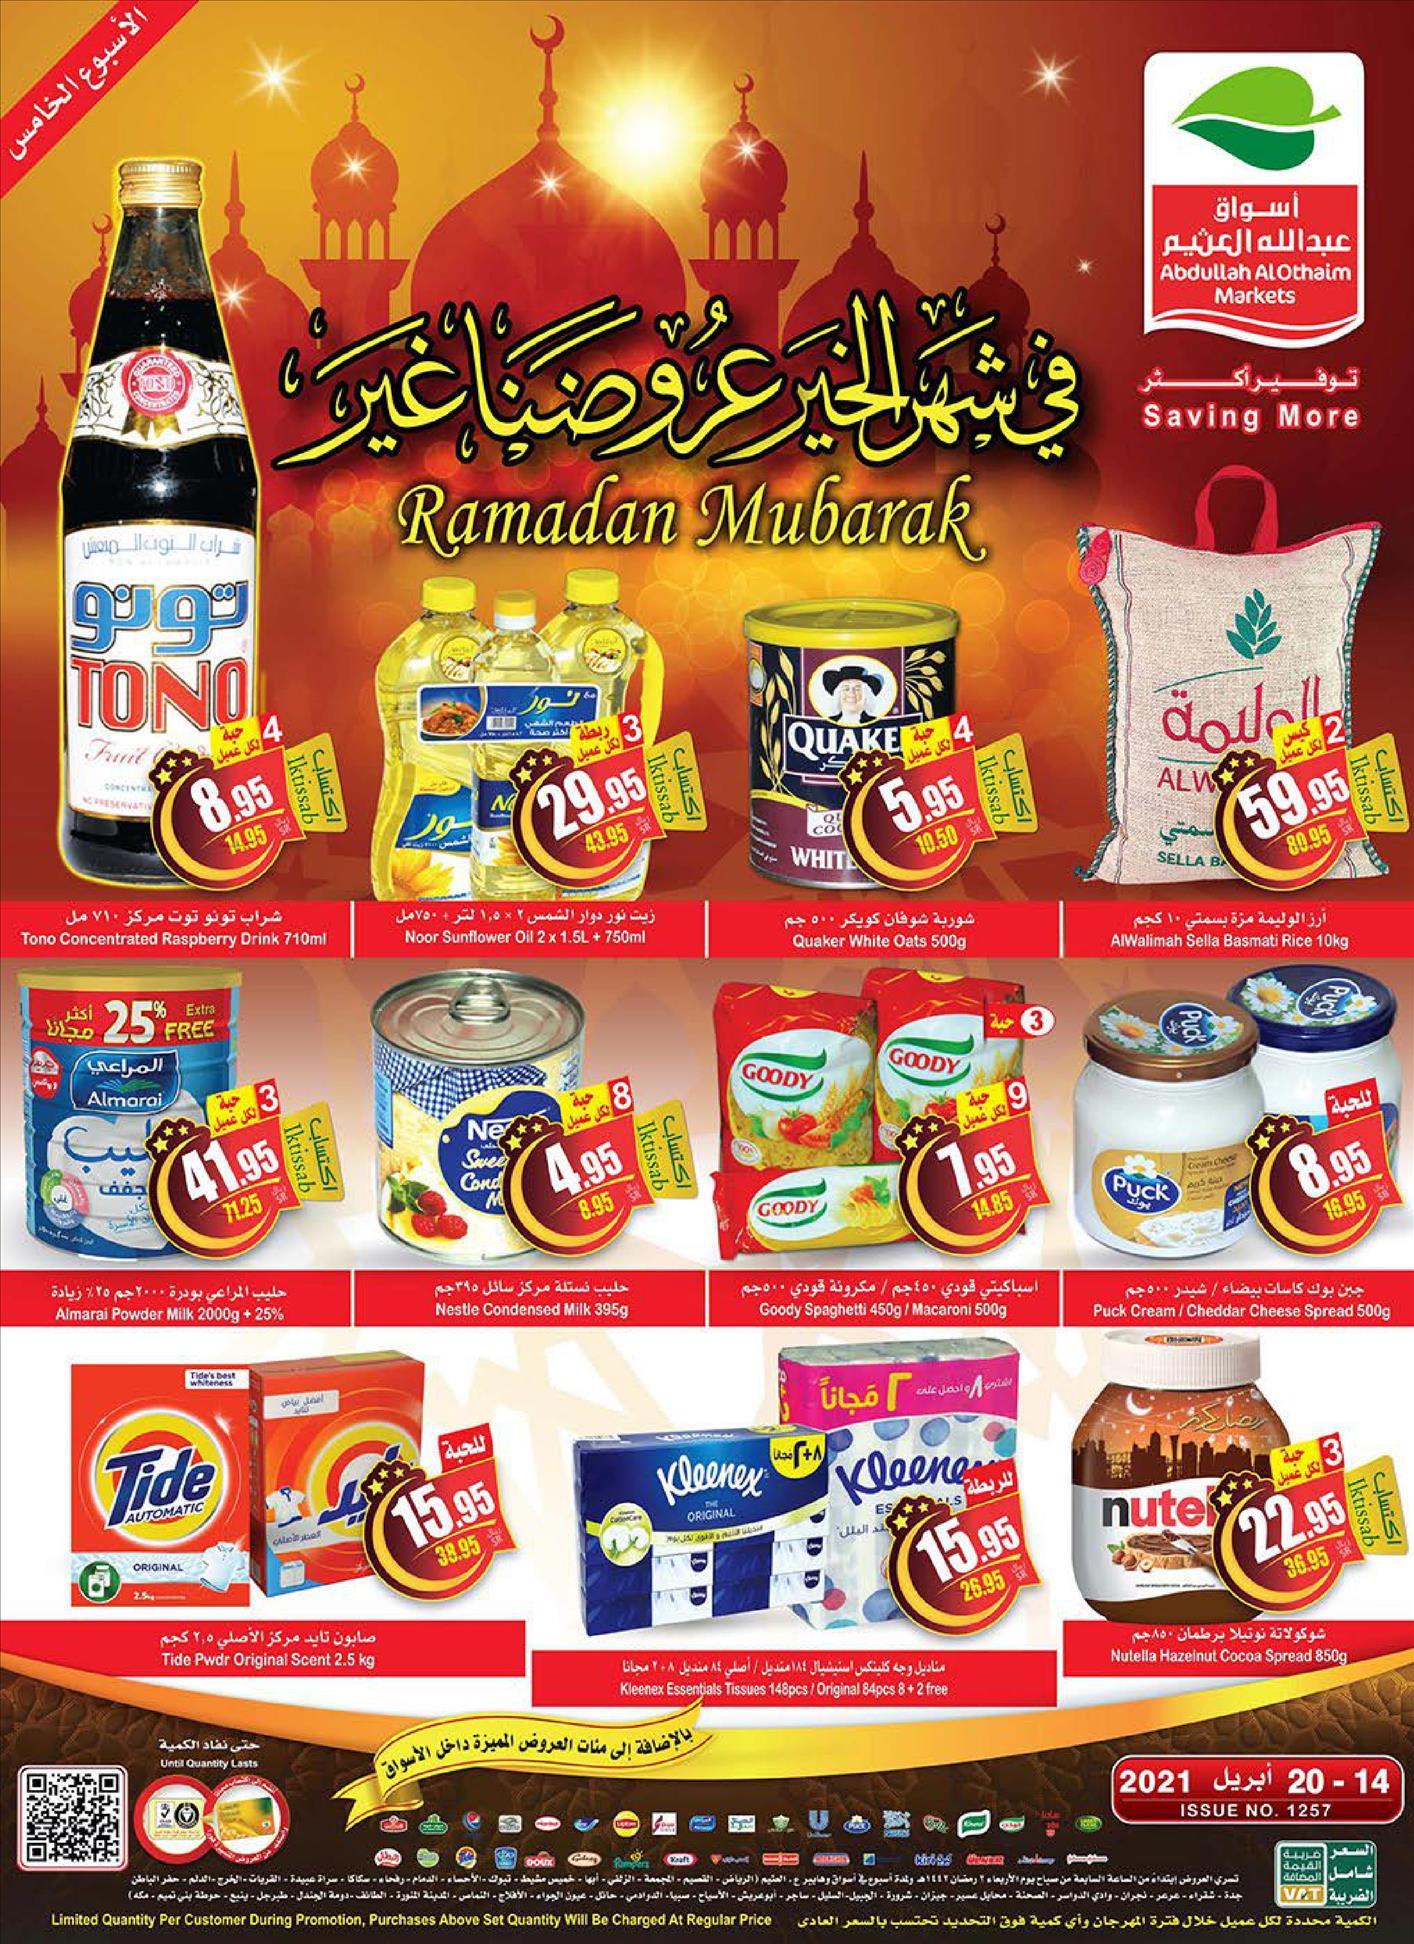 عروض عبد الله العثيم السعوديه مجلة عروض شهر رمضان كامله خلال الفتره 14 أبريل حتى 20 أبريل - 40 صوره